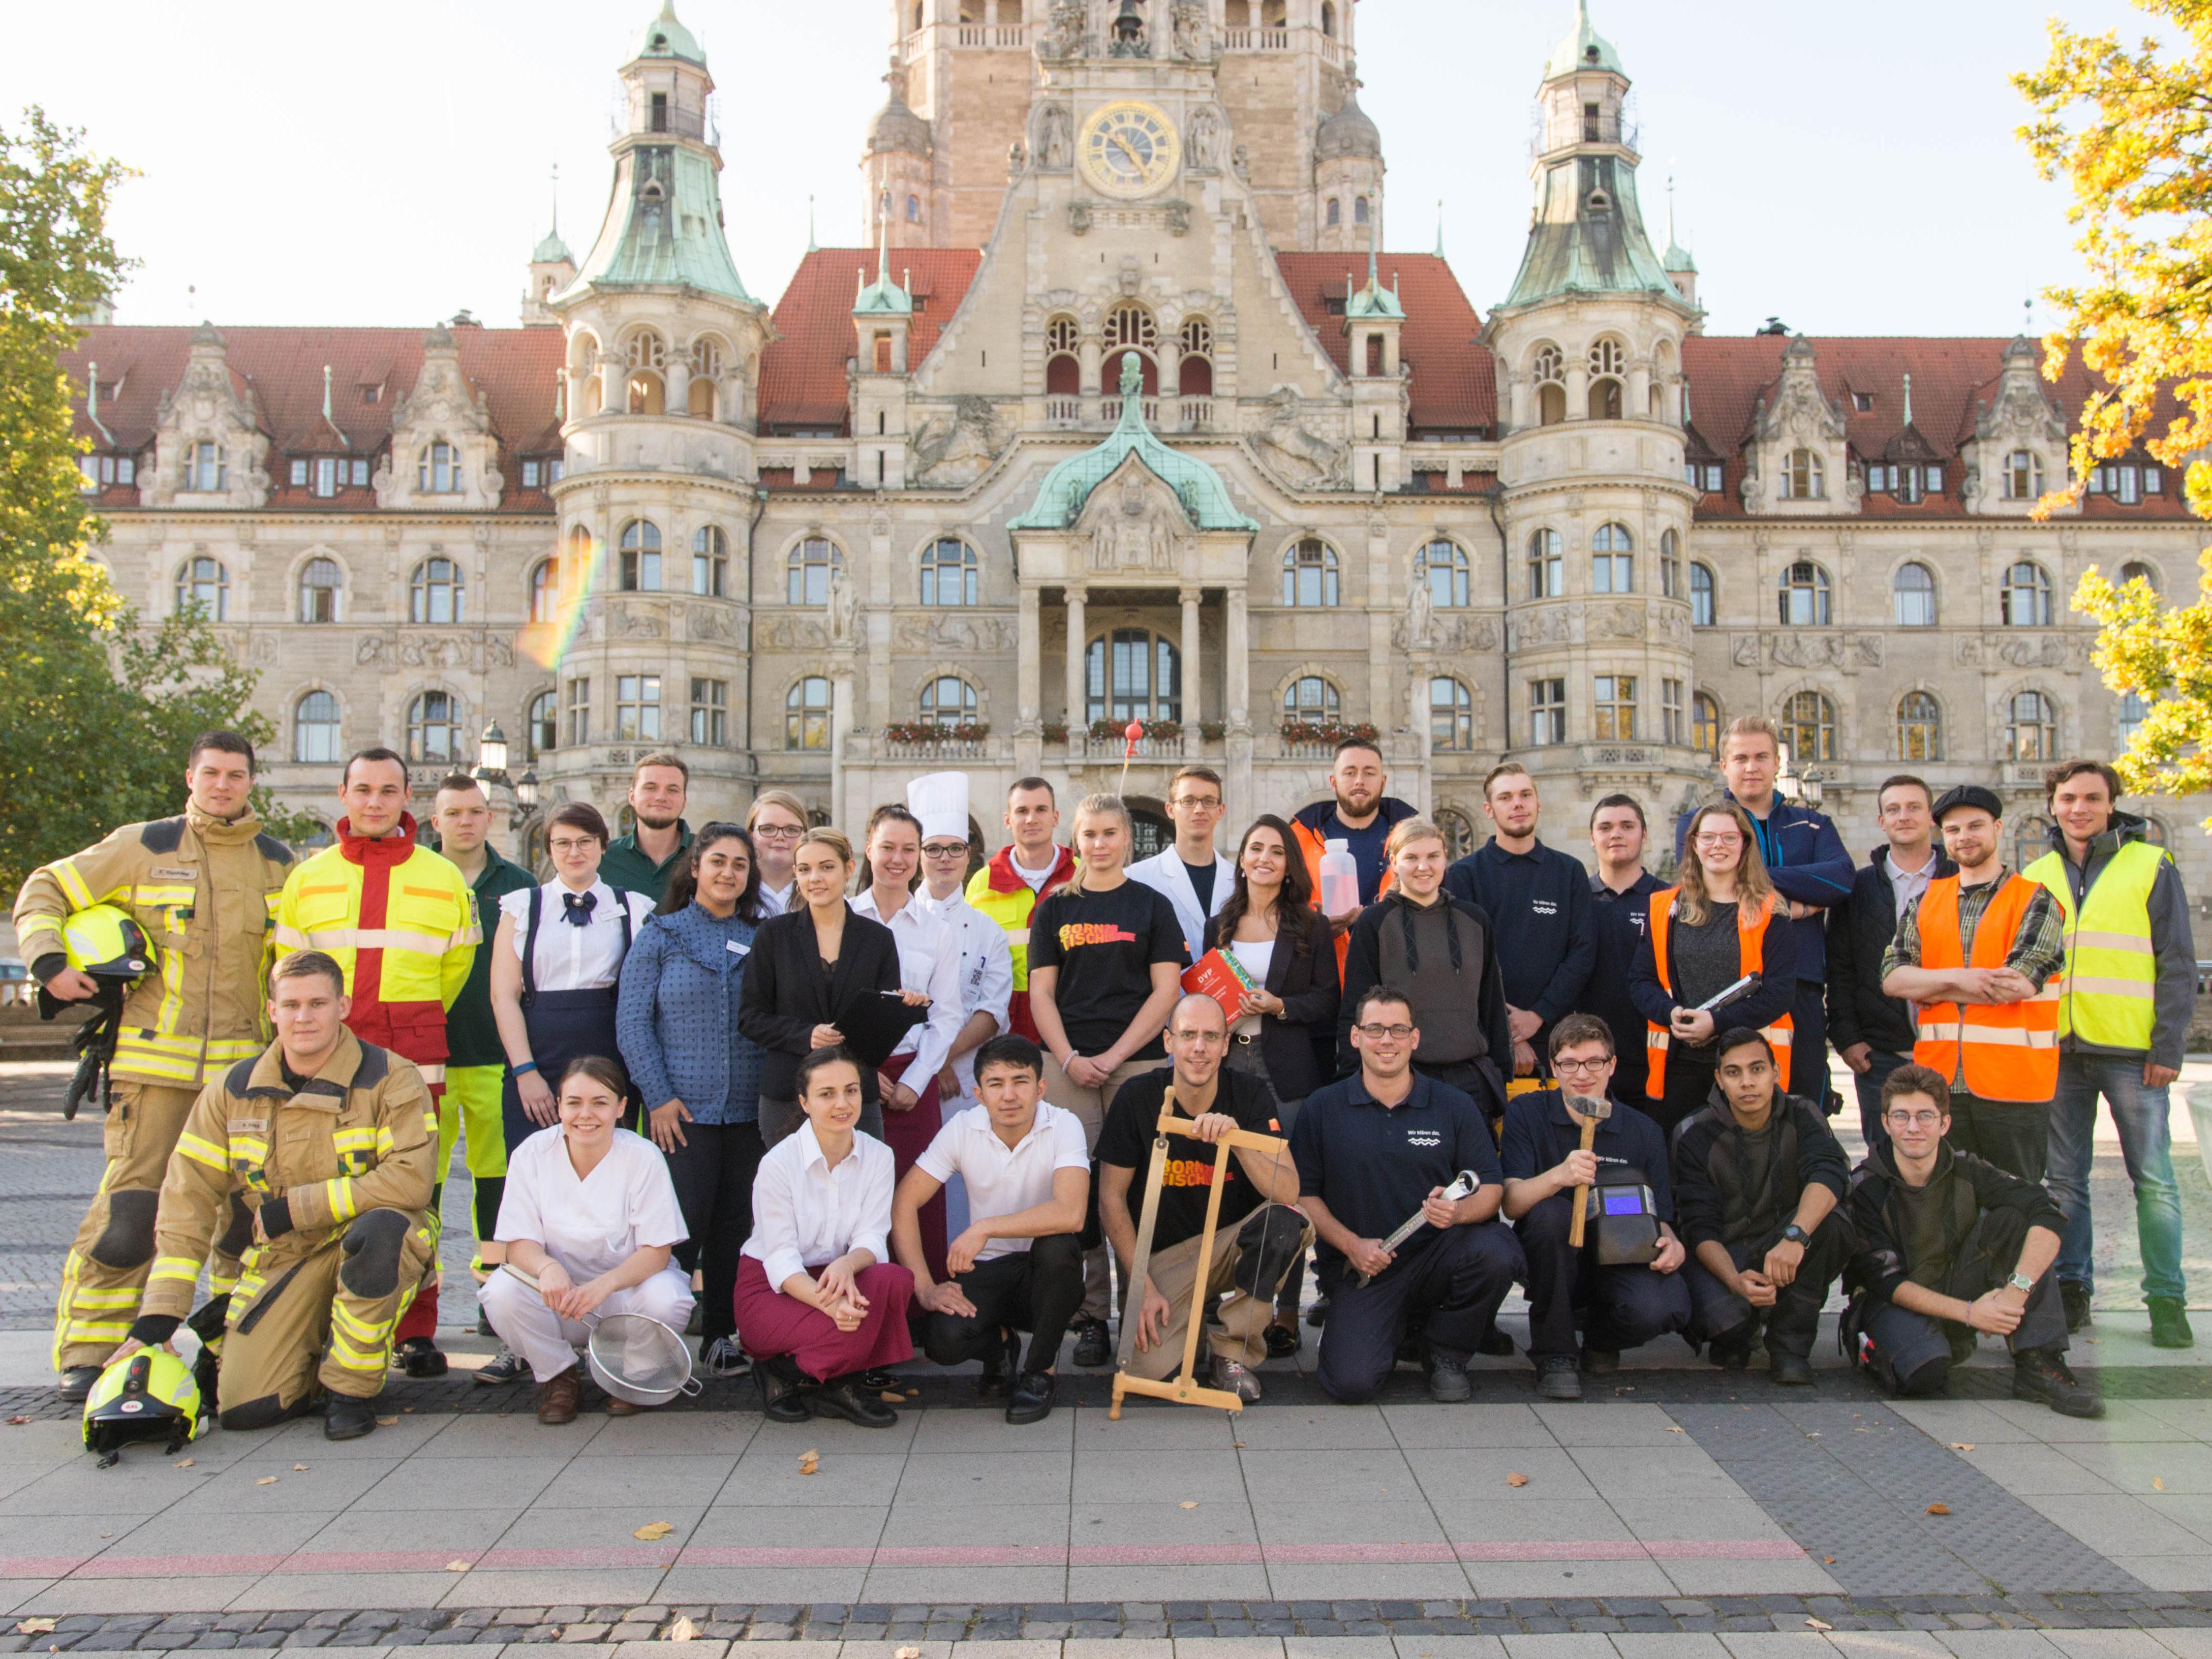 Auszubildende bei der Landeshauptstadt Hannover